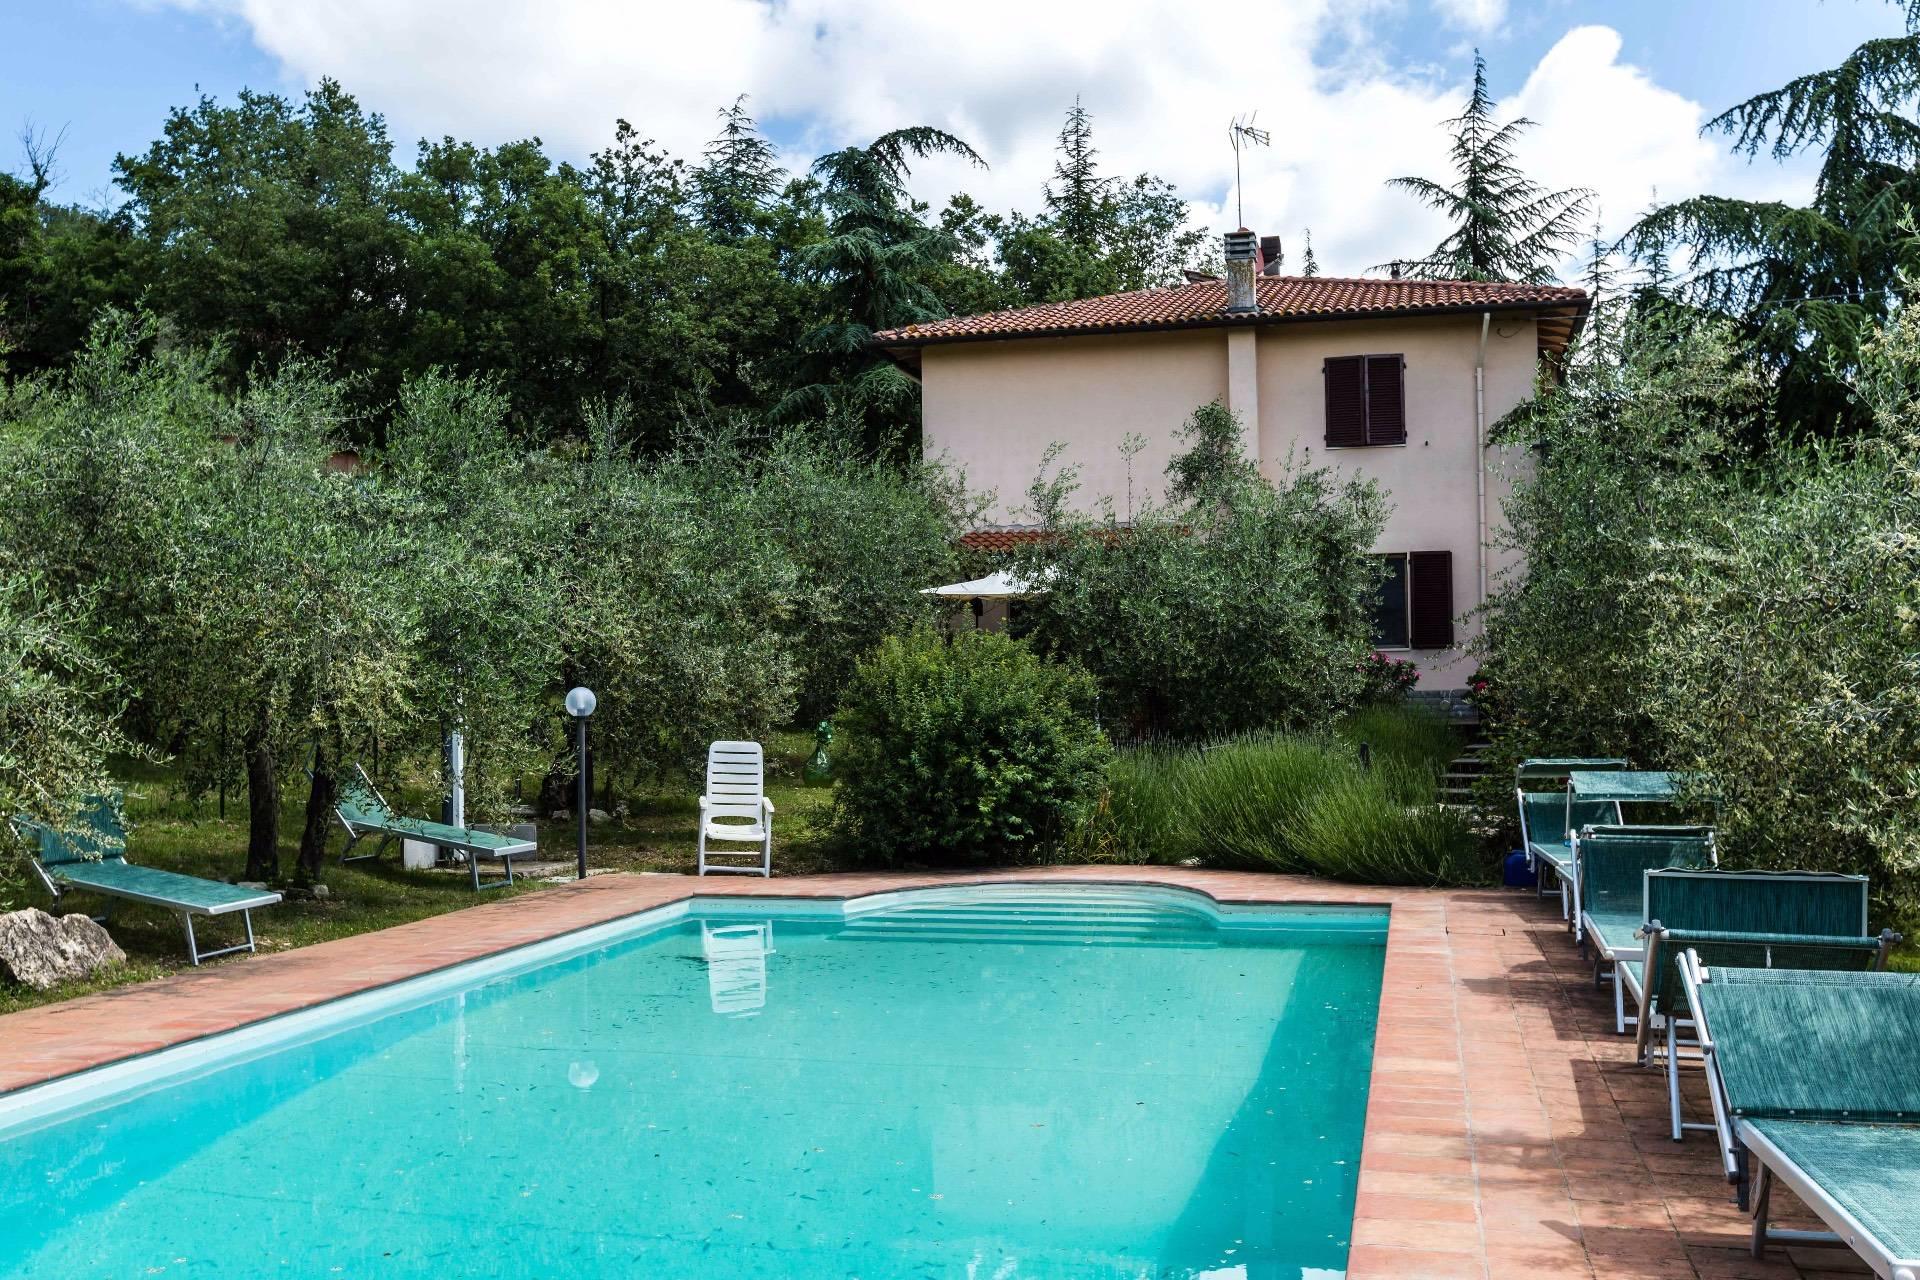 Rustico / Casale in vendita a Gaiole in Chianti, 10 locali, zona Zona: Lecchi, prezzo € 790.000 | CambioCasa.it